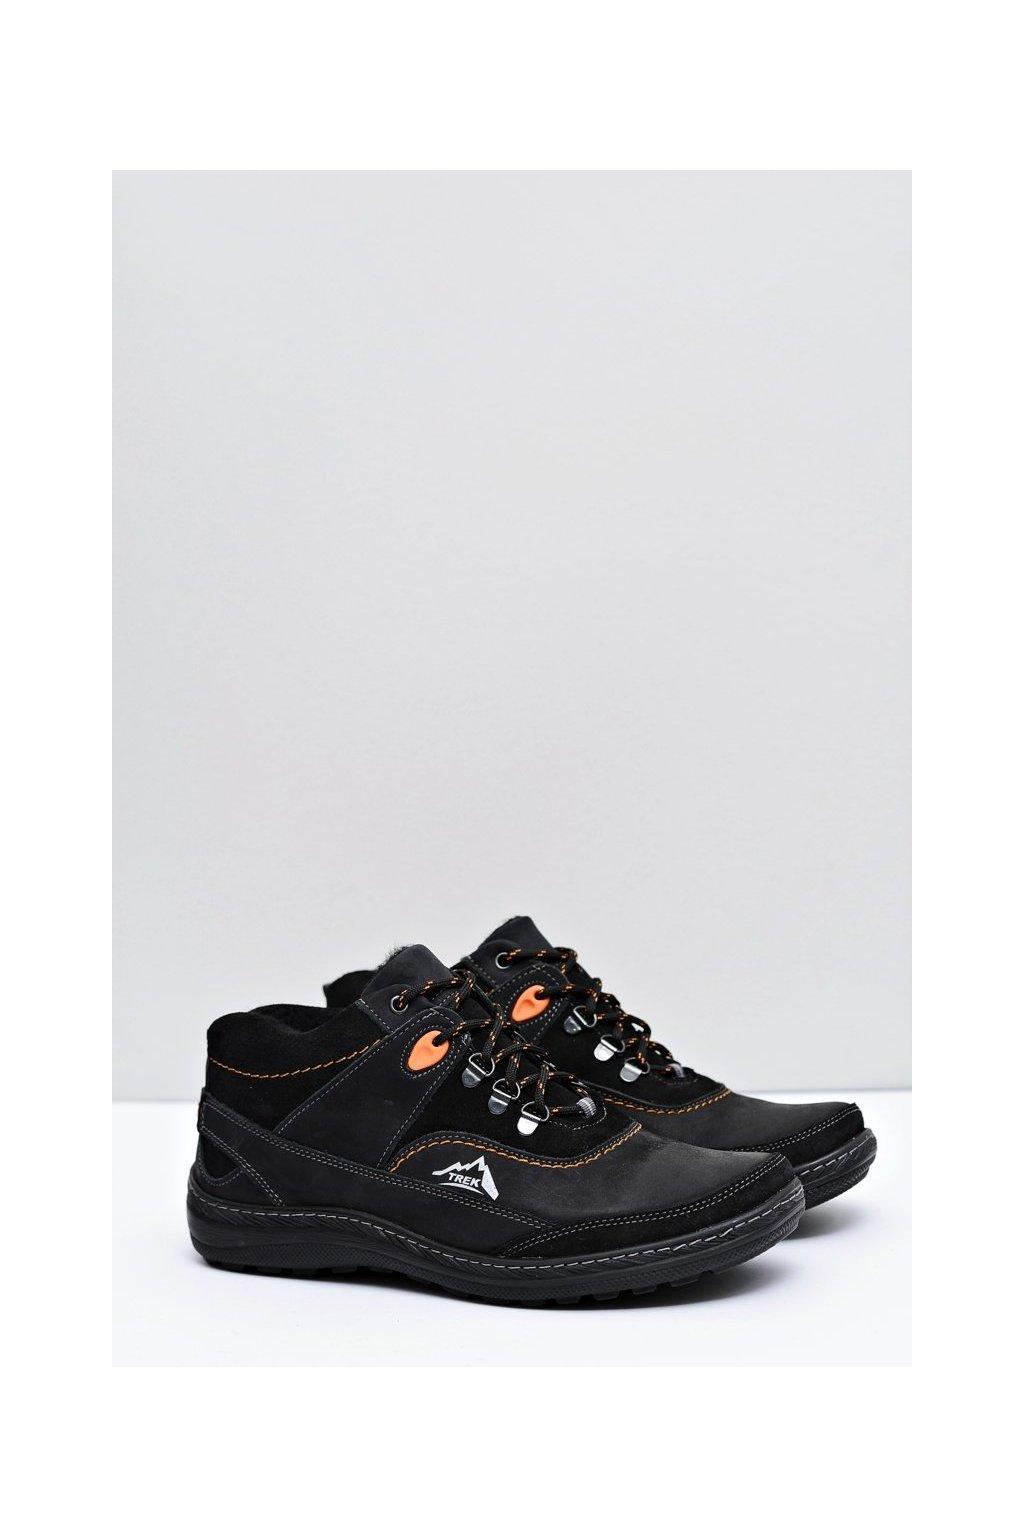 Pánske čierne topánky s izoláciou z prírodnej kože